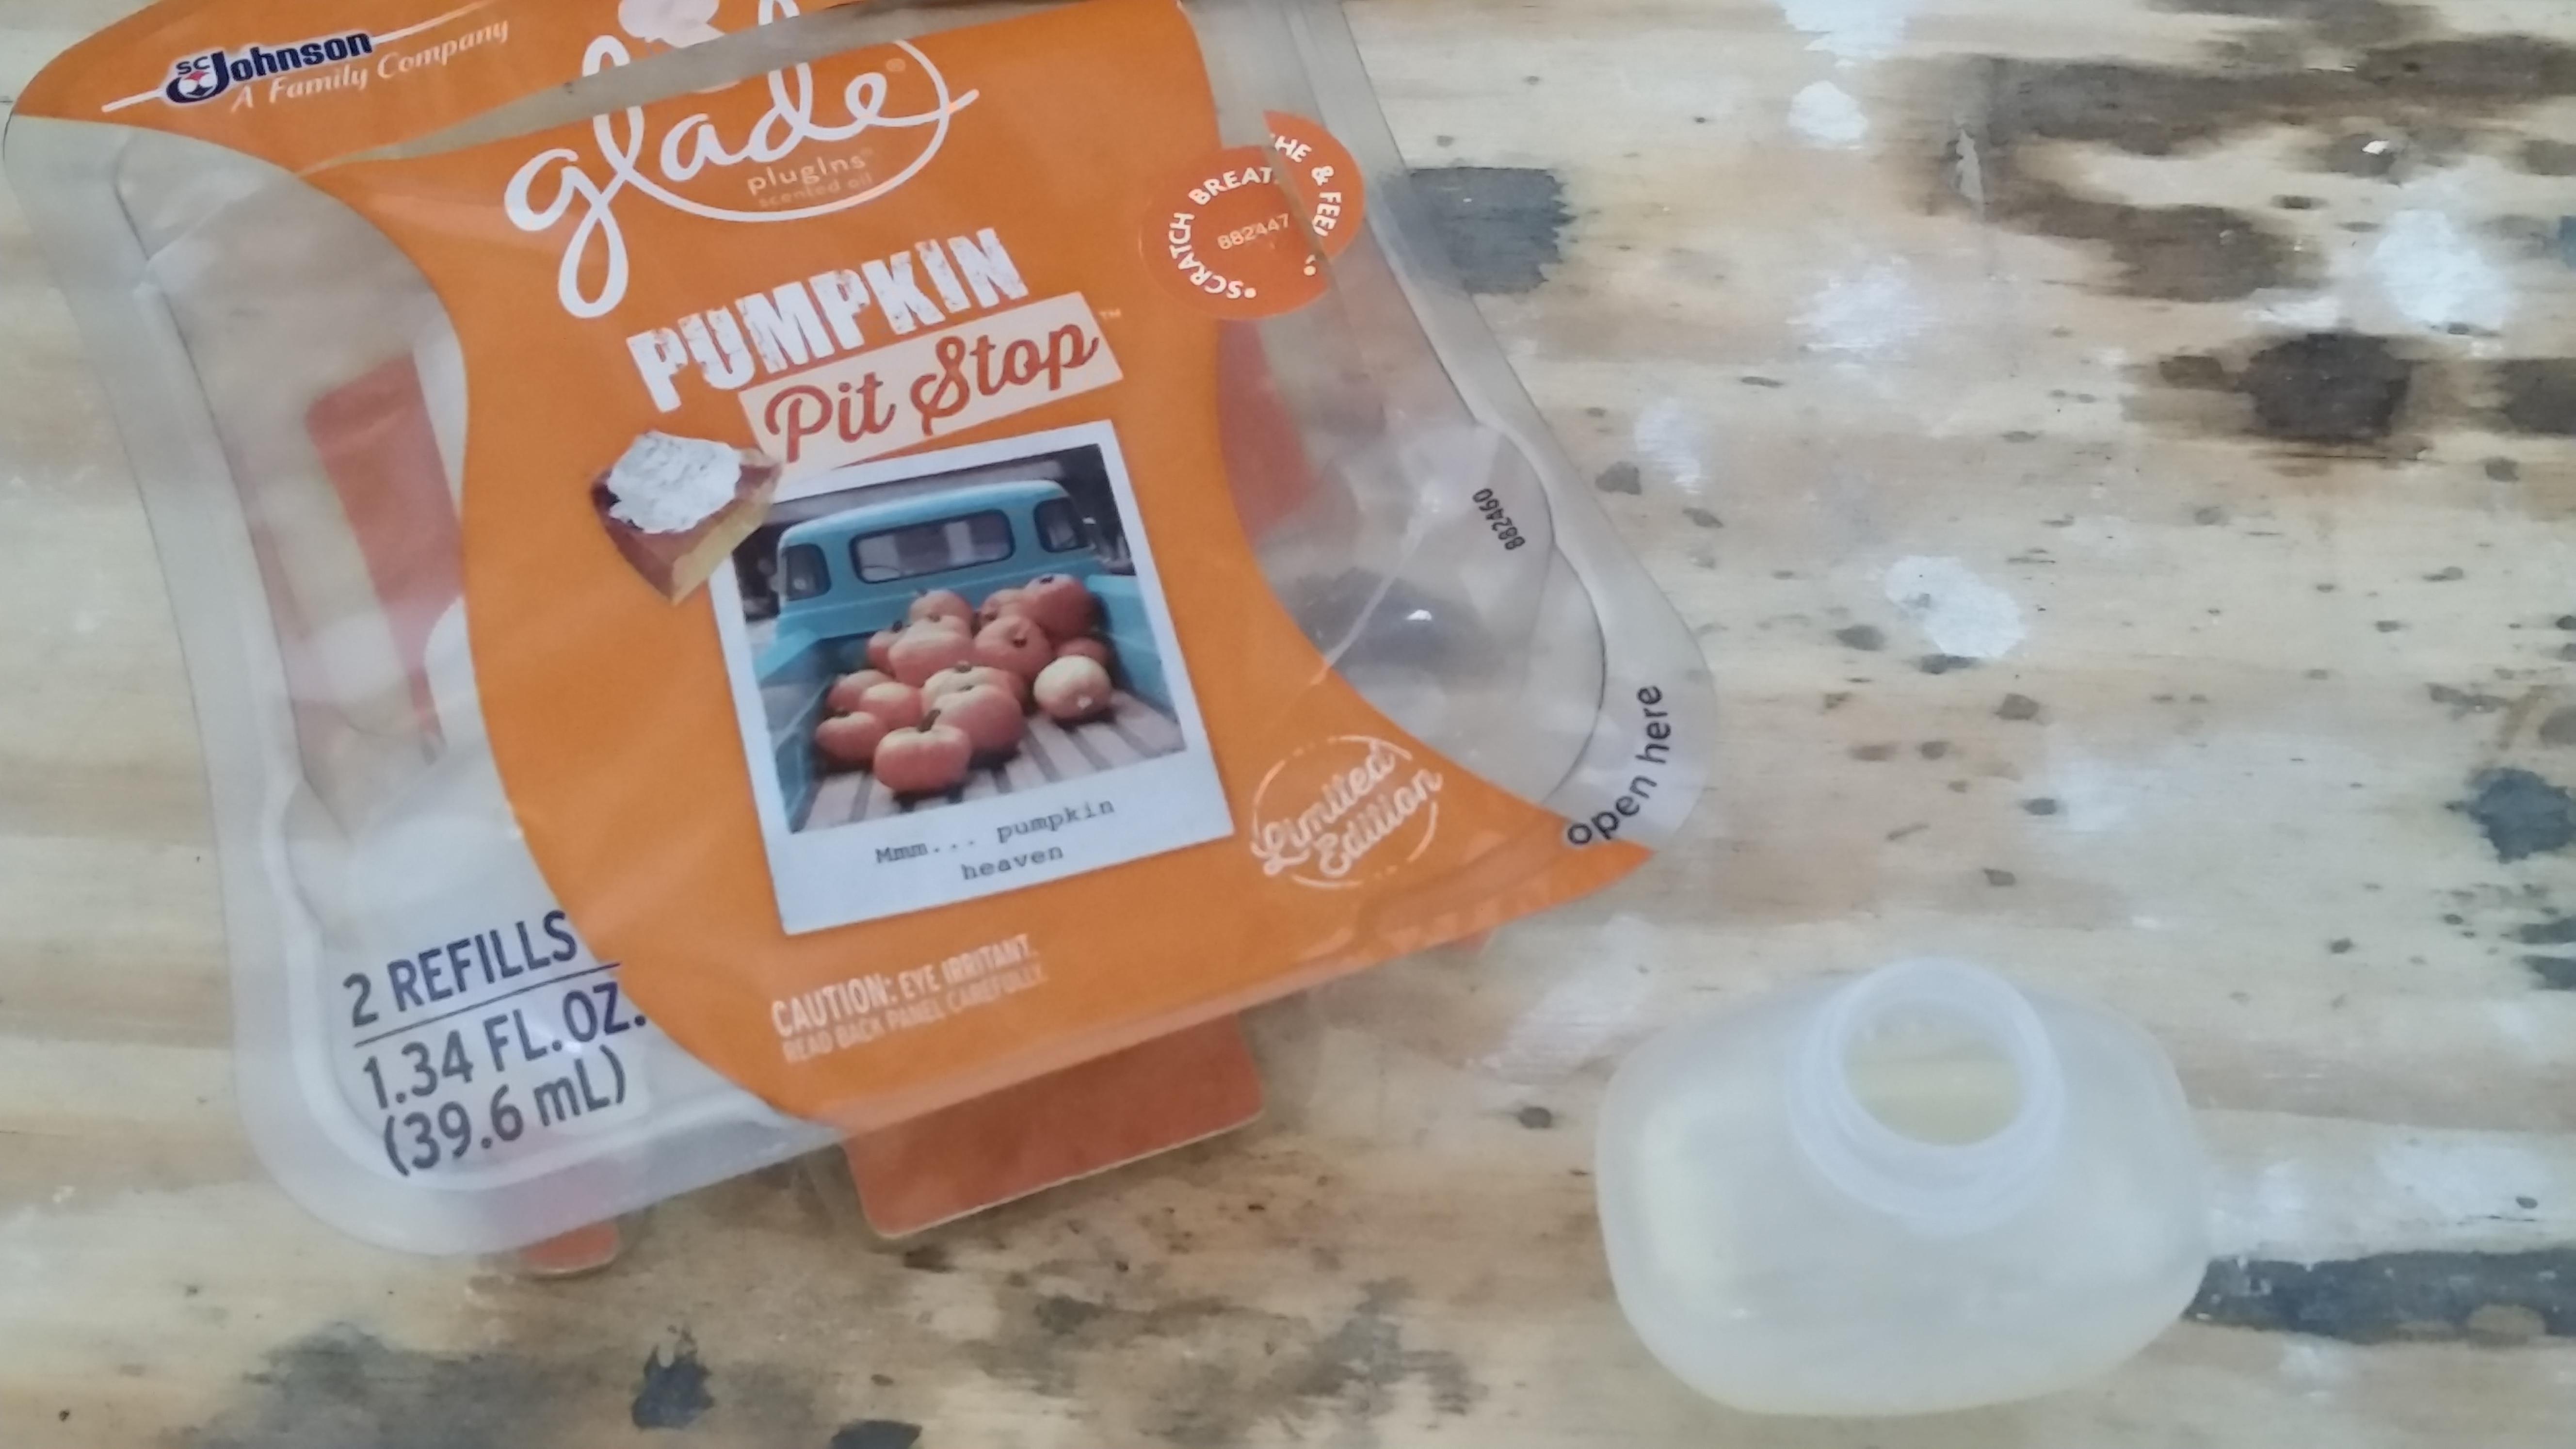 Pumpkin Pie Spice Air Freshener